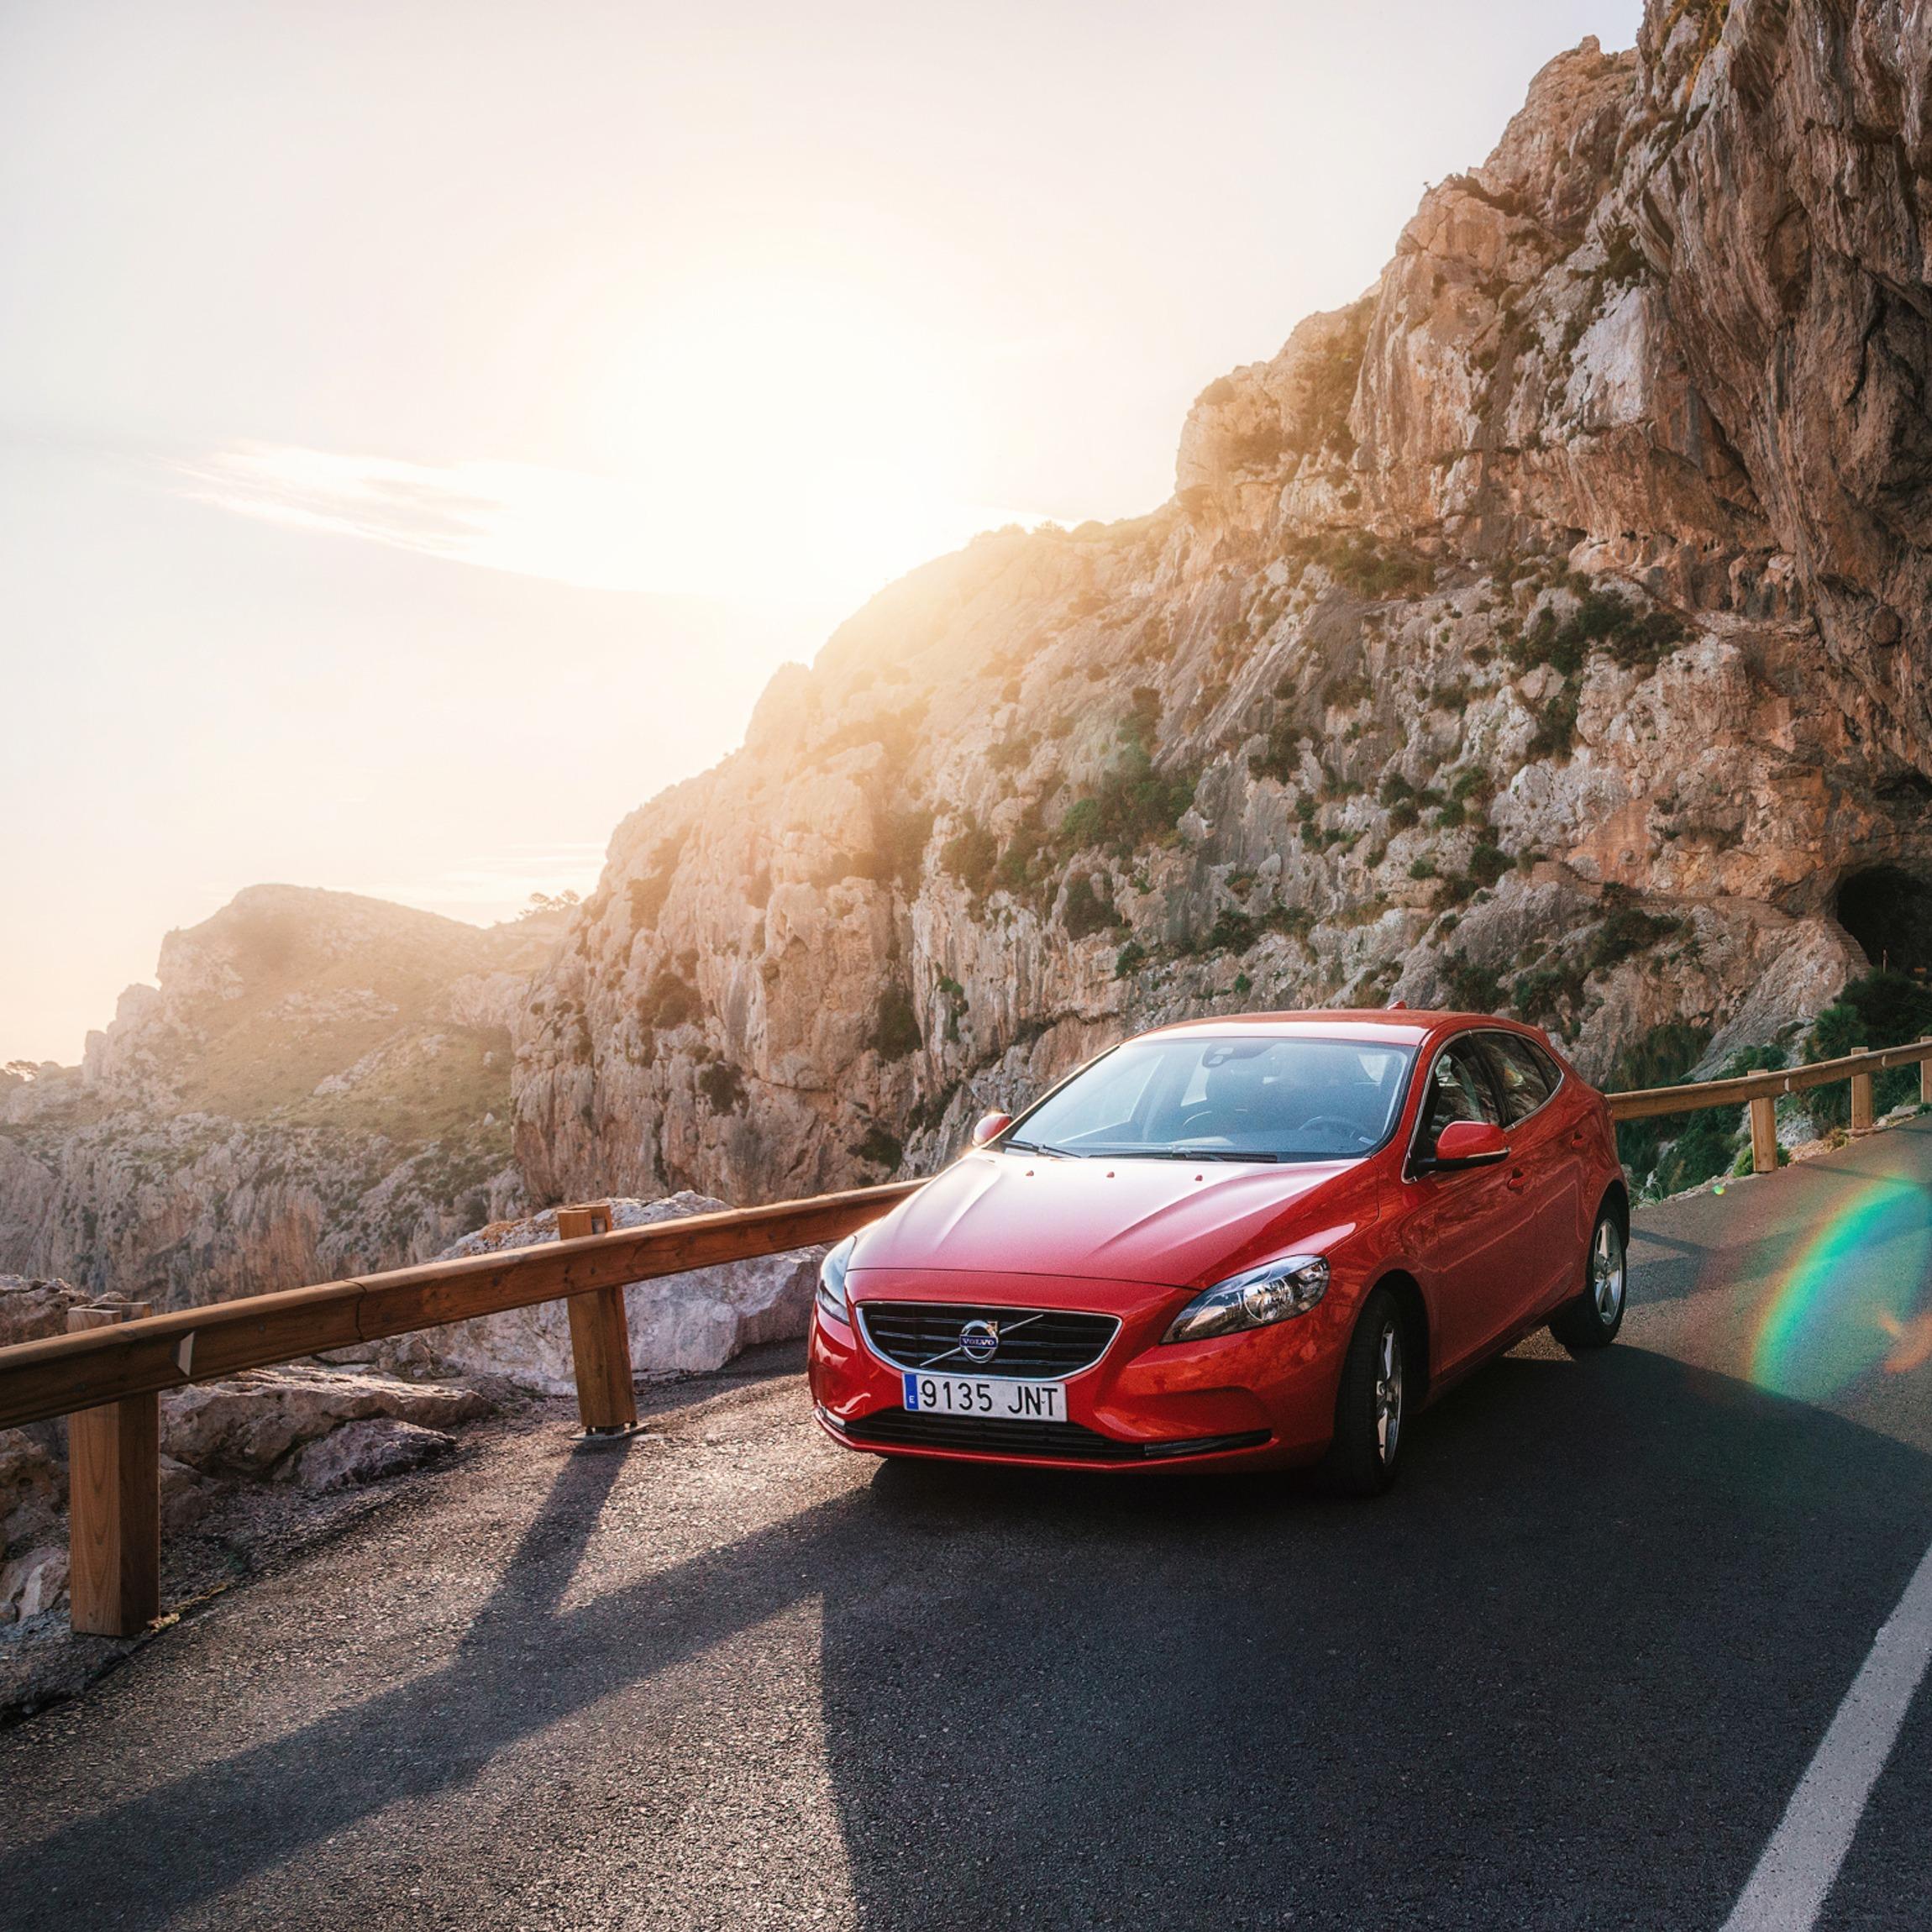 conduire sans carte grise Rouler sans carte grise : quelles conséquences